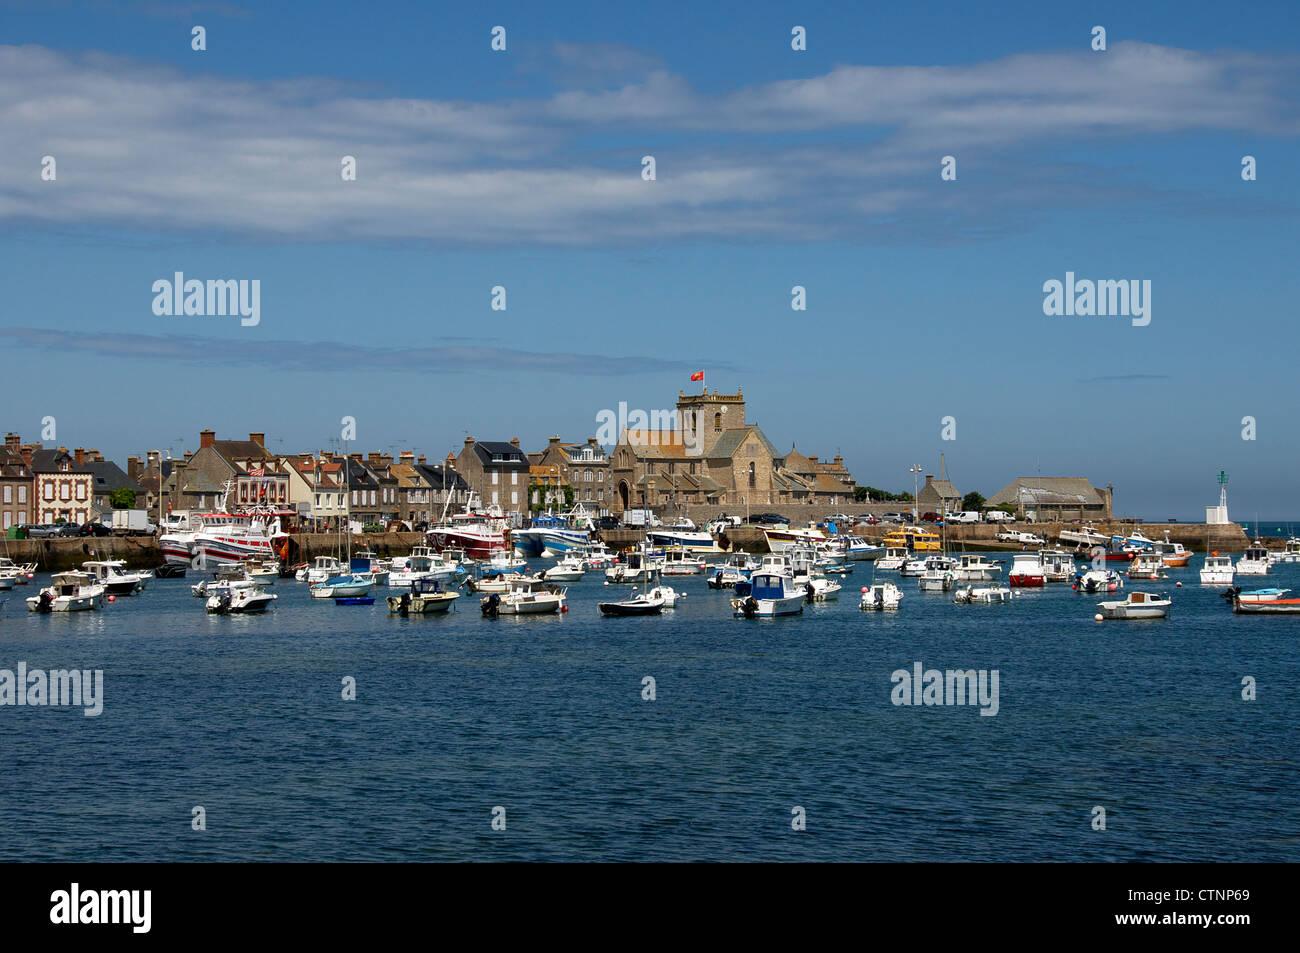 La péninsule de Cherbourg Barfleur Normandie France Banque D'Images